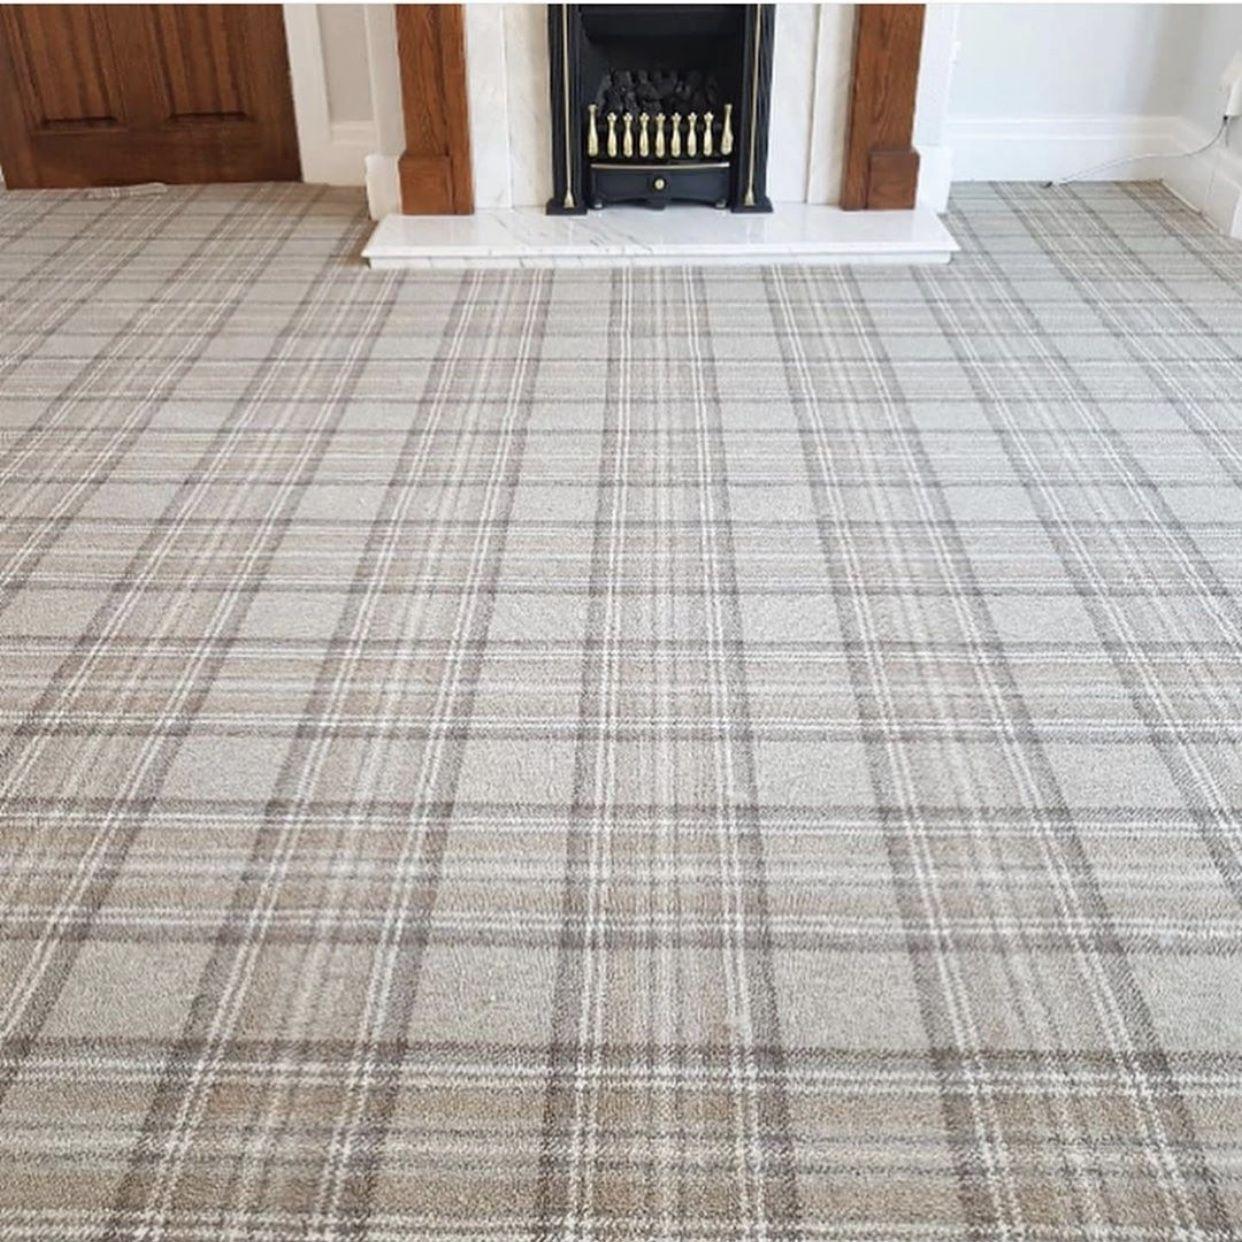 Tartan Carpet Axminster Living Room Decor Living Room Carpet Carpet Stairs Tartan Carpet